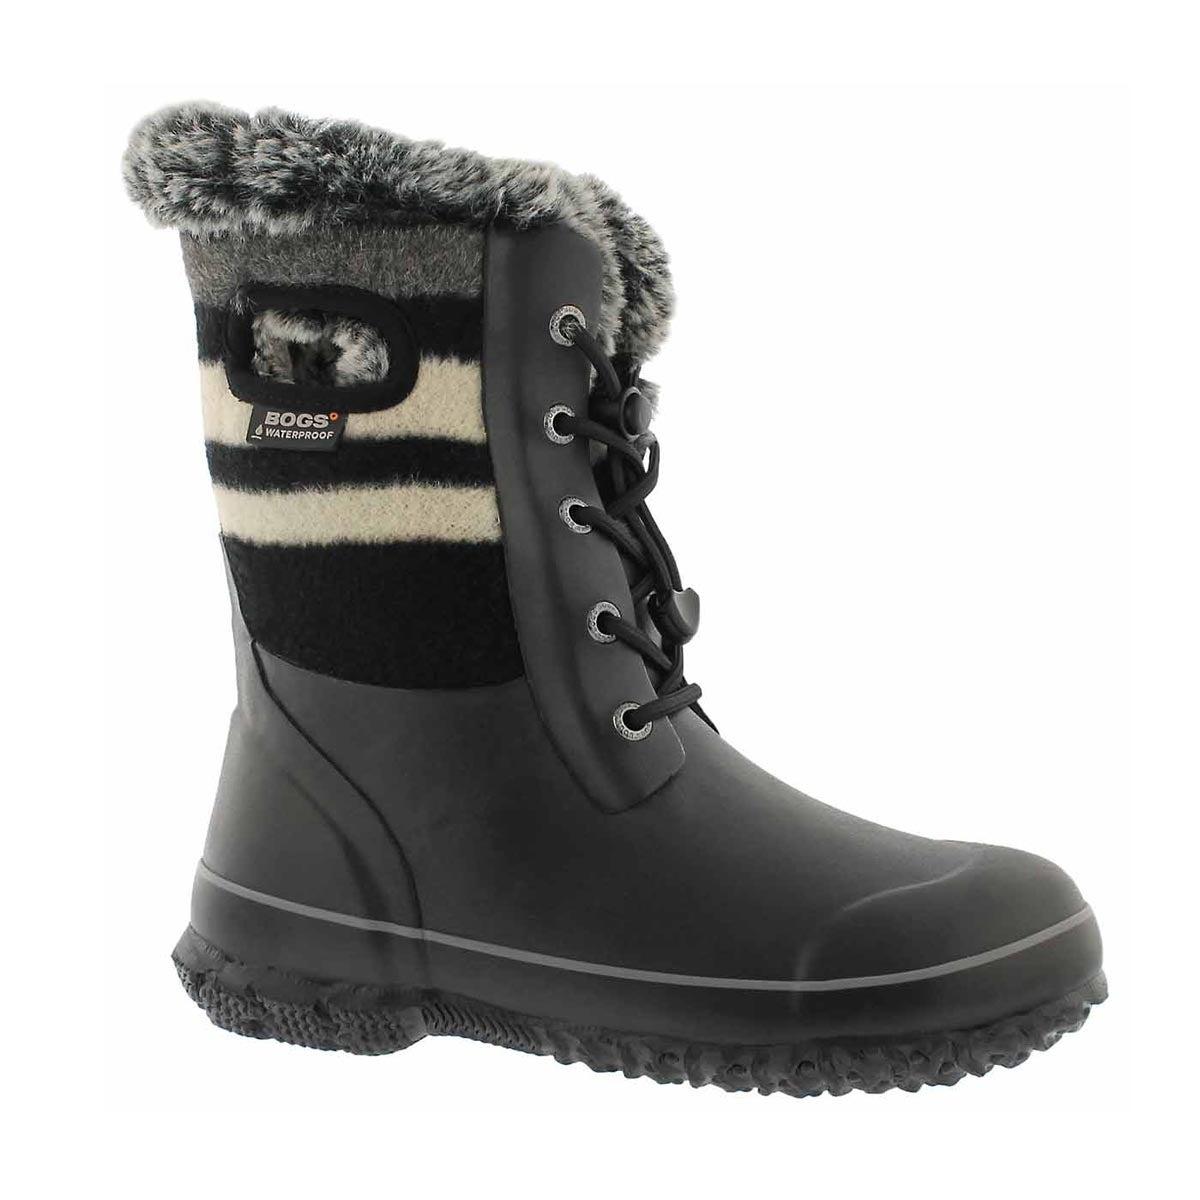 Girls' ARCATA WOOL STRIPE black multi wtpf boots